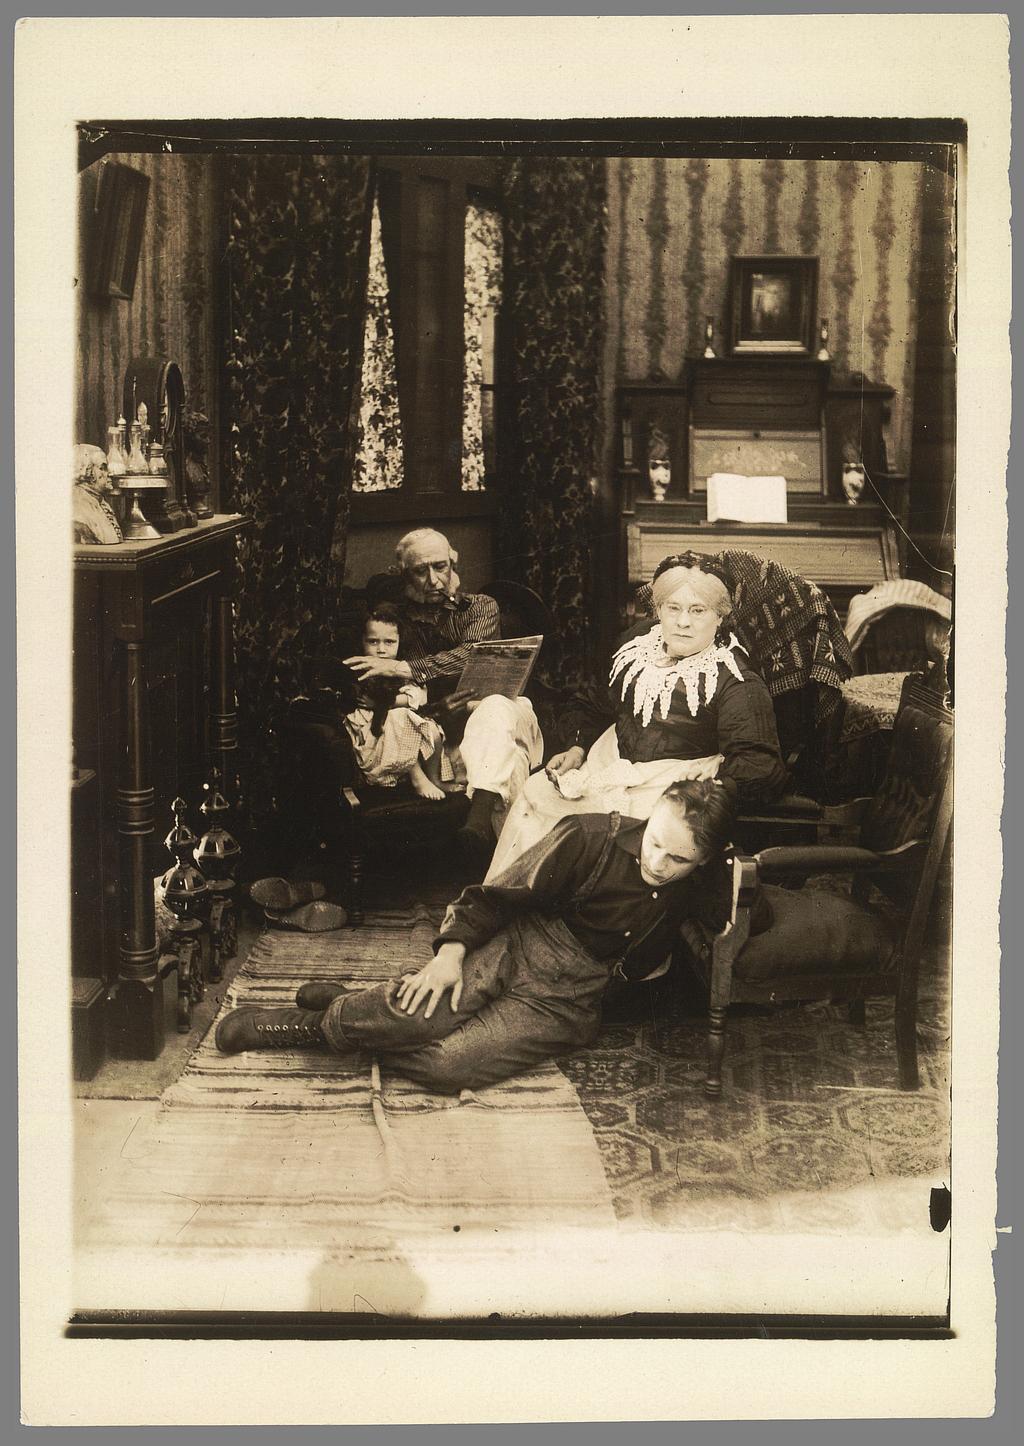 Chester Withey, Old Folks at Home, Fine Arts 1916. Coll. Cinémathèque française. D. R. L'acteur du fond est sans doute Tree.